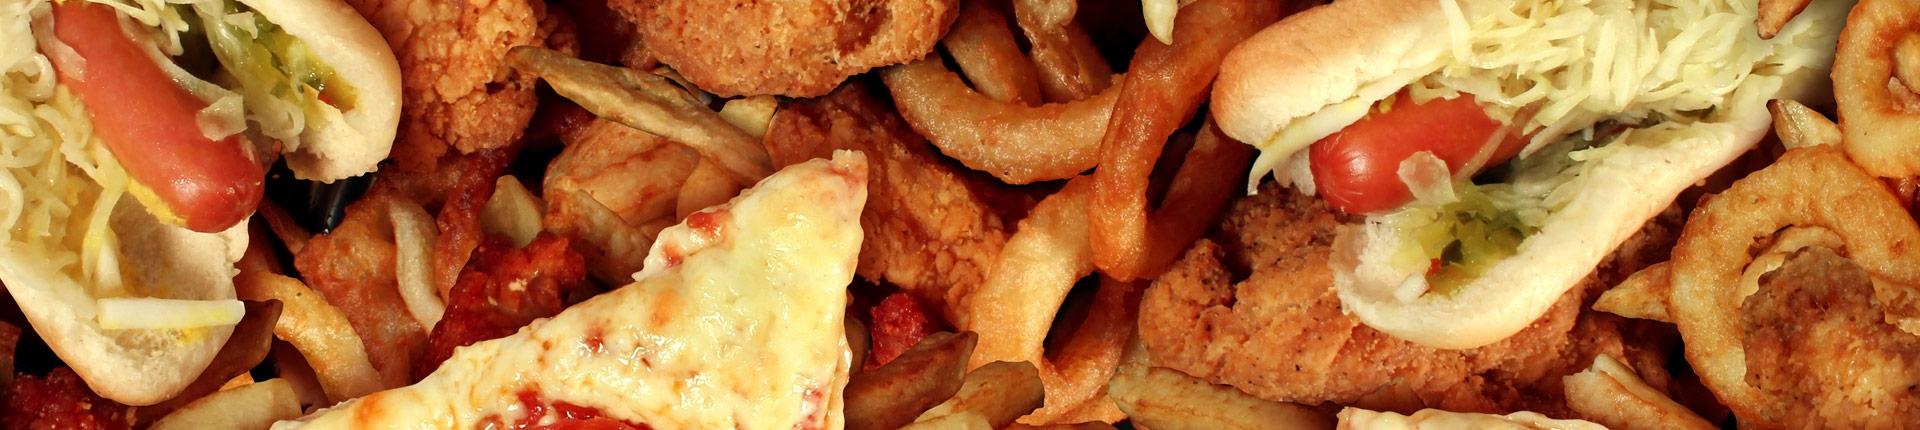 Junk food - 6 powodów, by unikać śmieciowego jedzenia